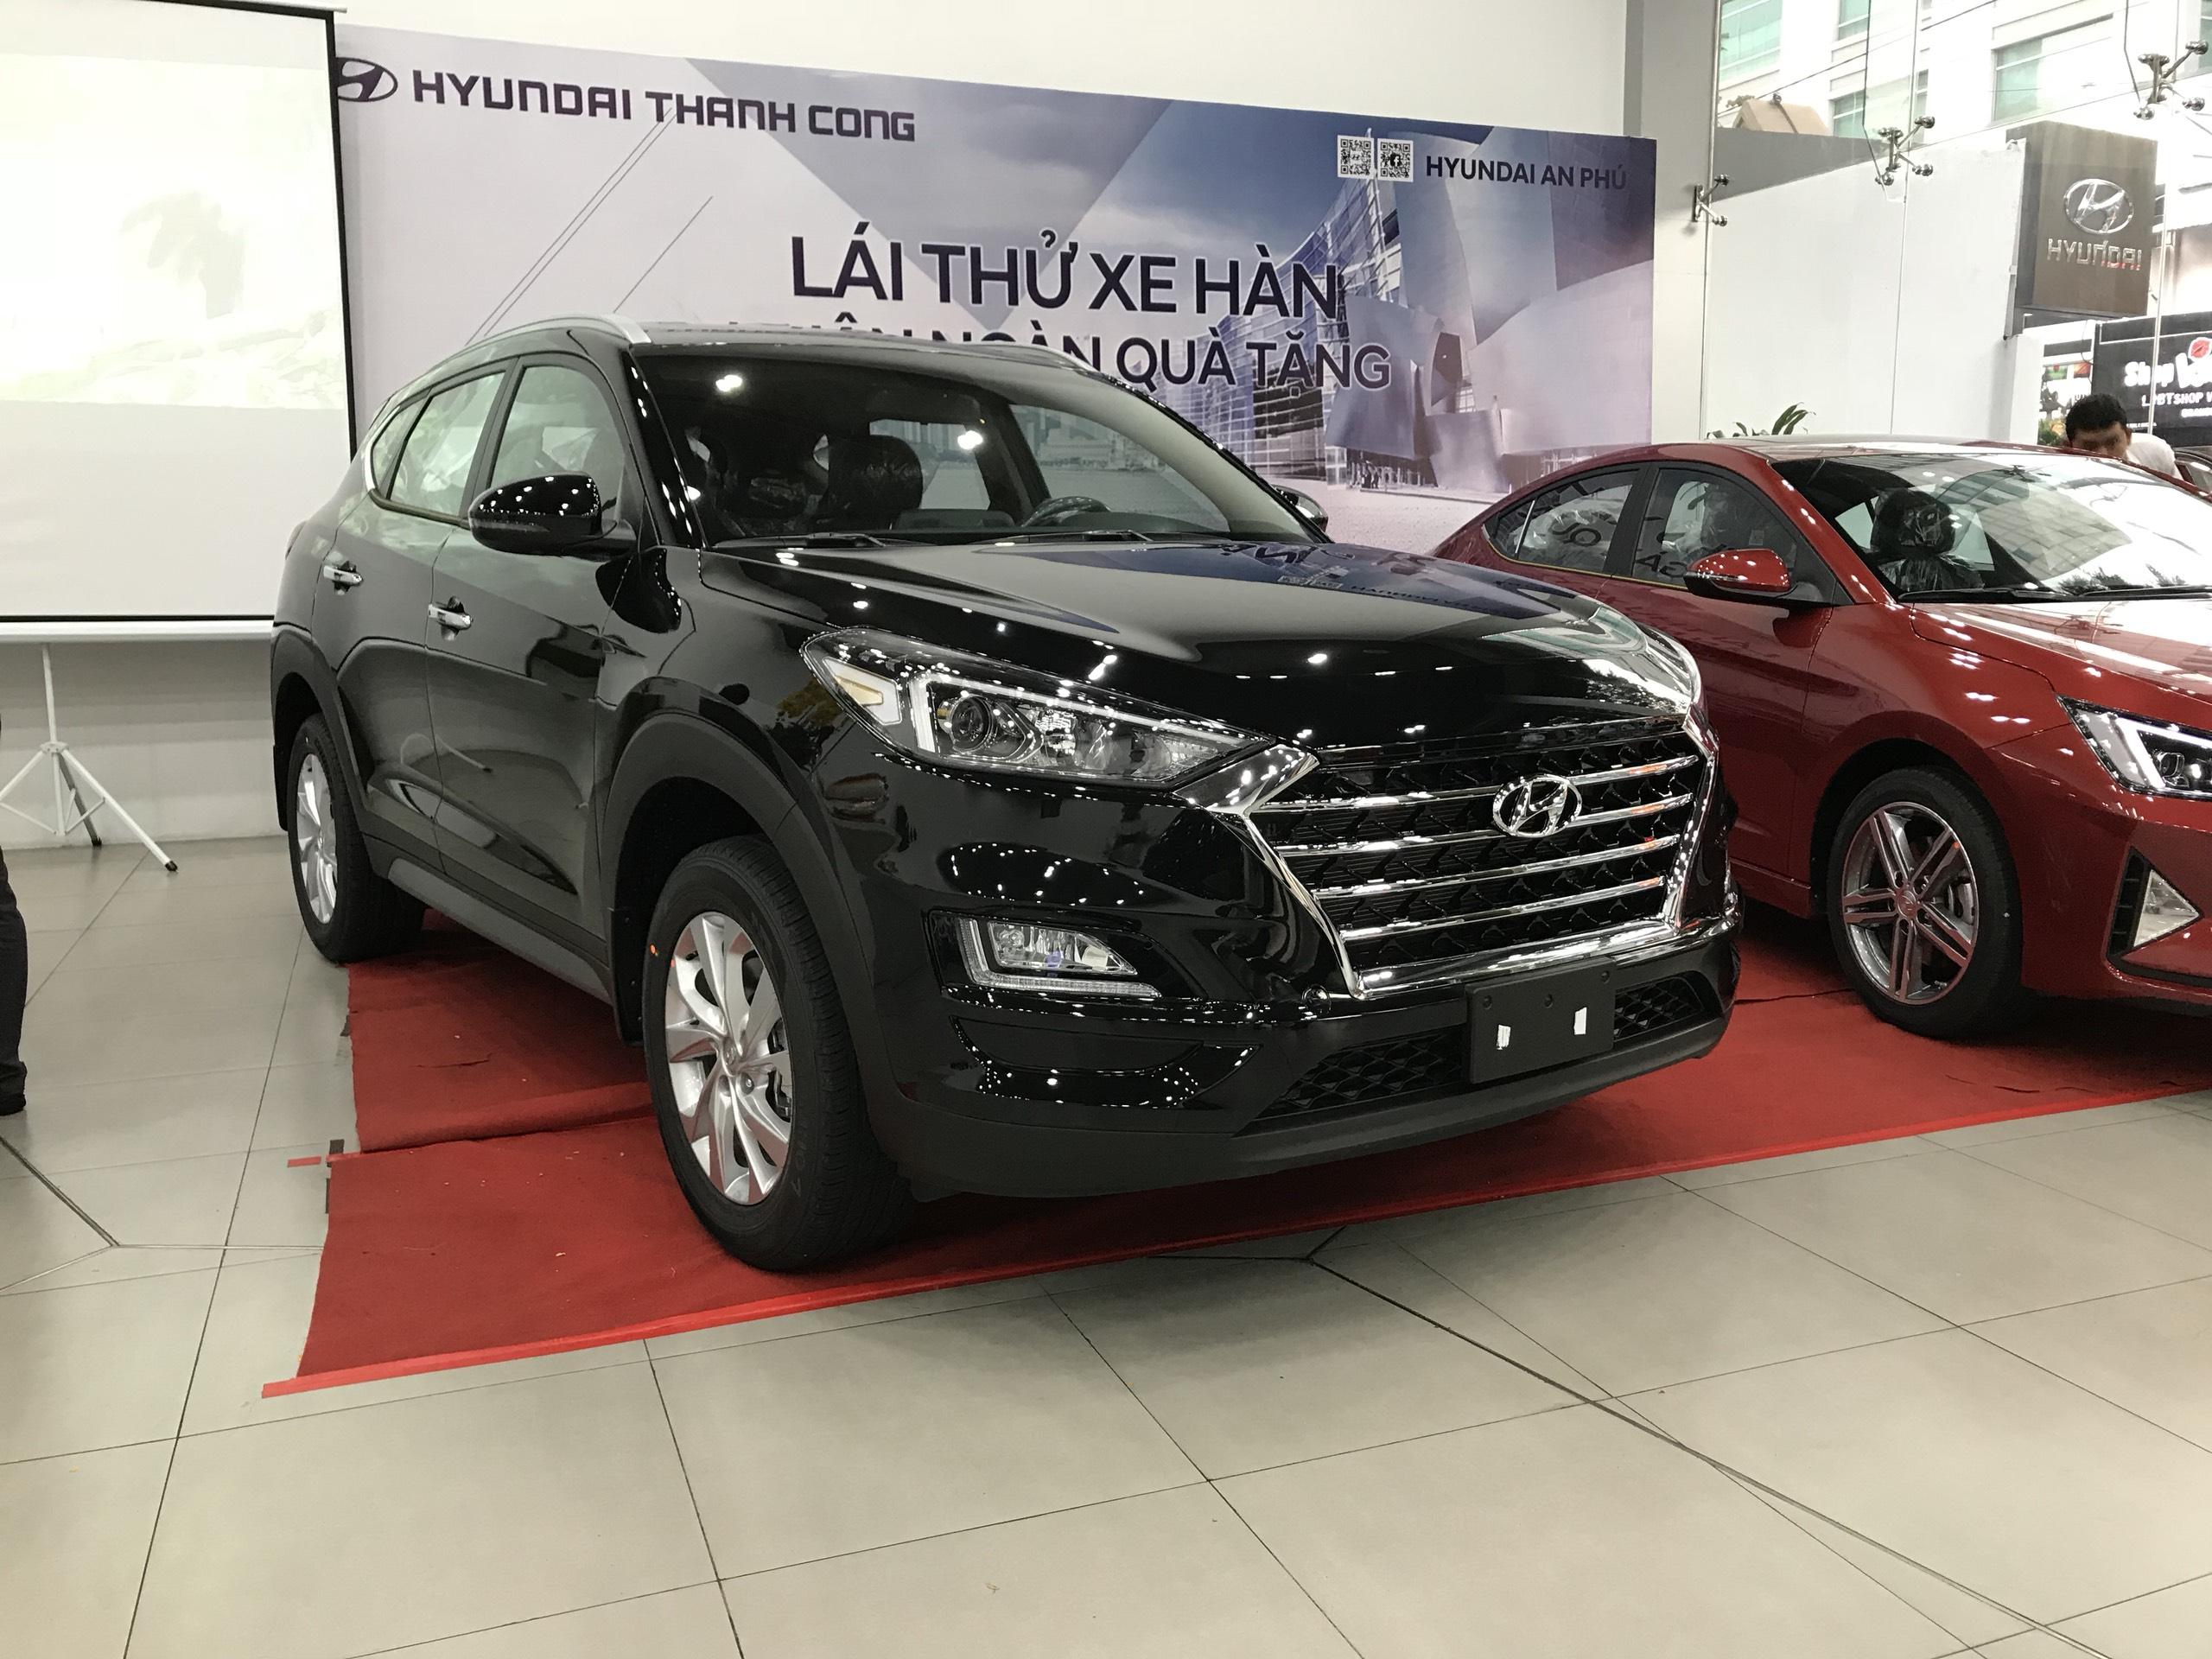 Hyundai Tucson 2019 Facelip giá tốt,